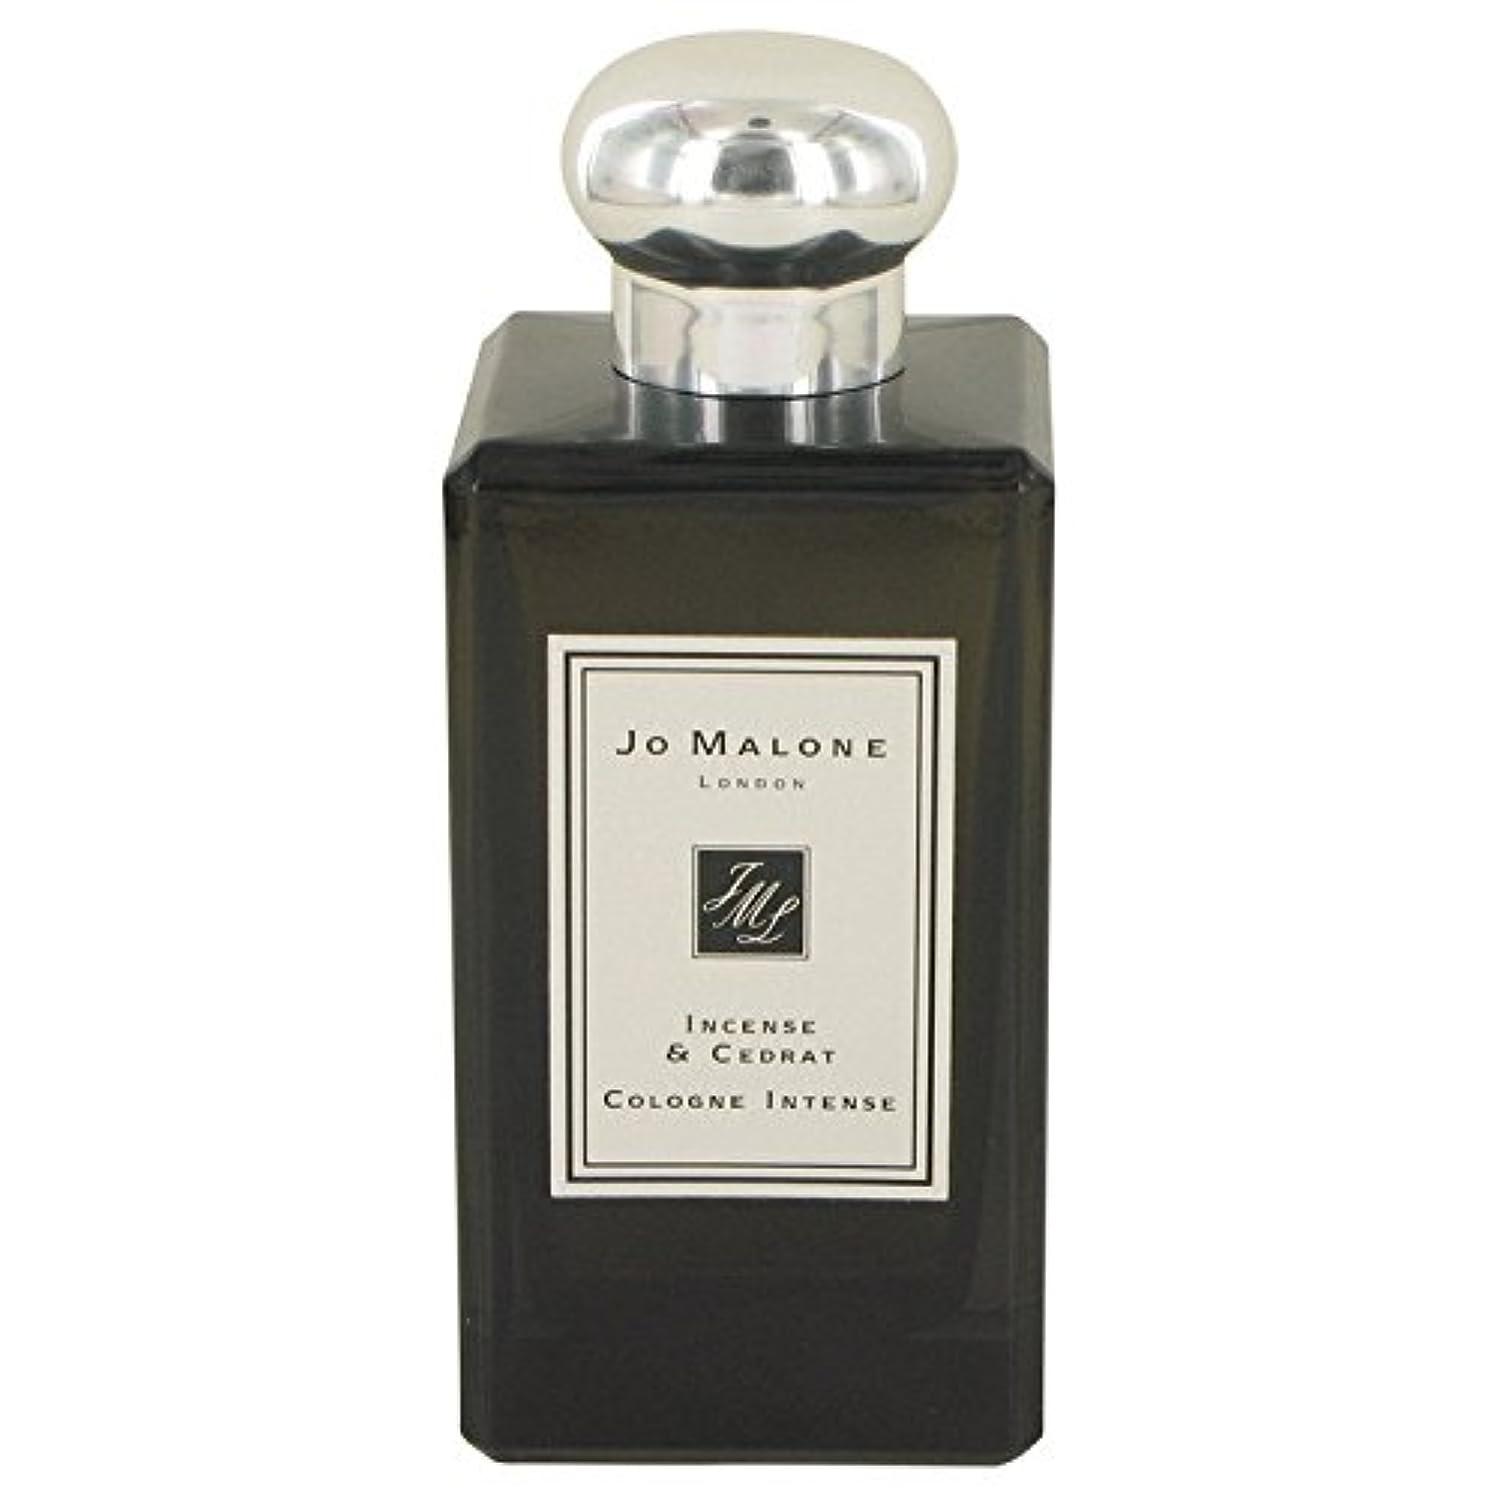 役に立たないとても迷信Jo Malone Incense & Cedrat Cologne Intense Spray (Unisex Unboxed) By Jo Malone